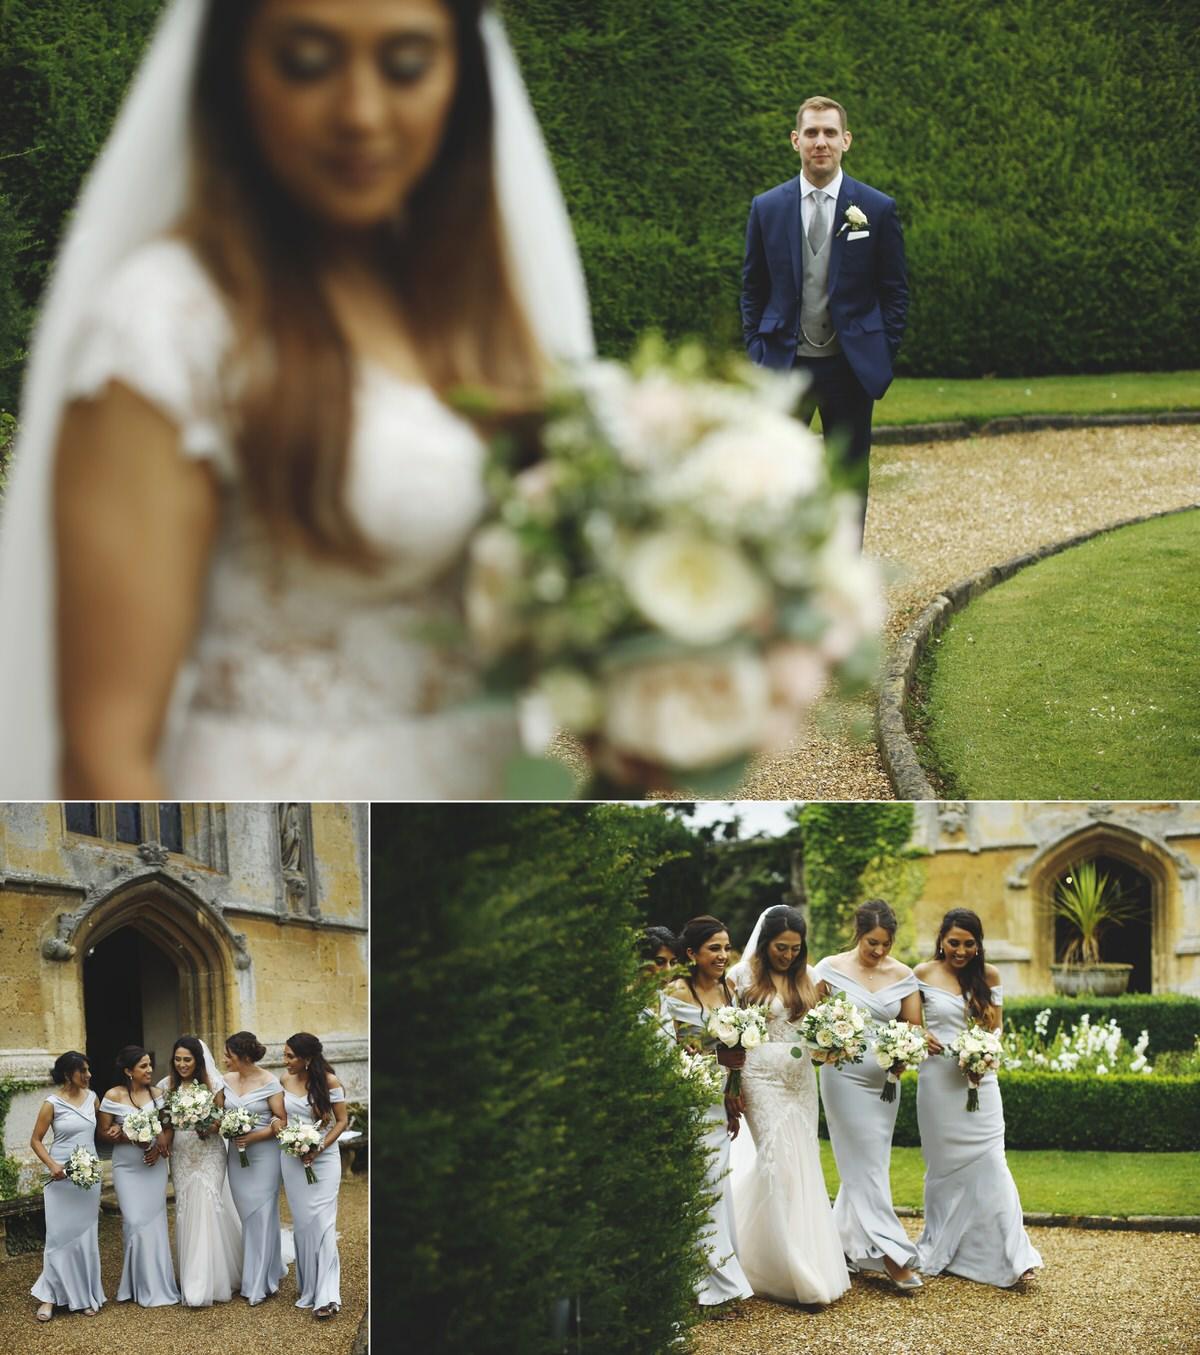 Brettharkness-sudeley-castle-wedding-photographer_0037.jpg